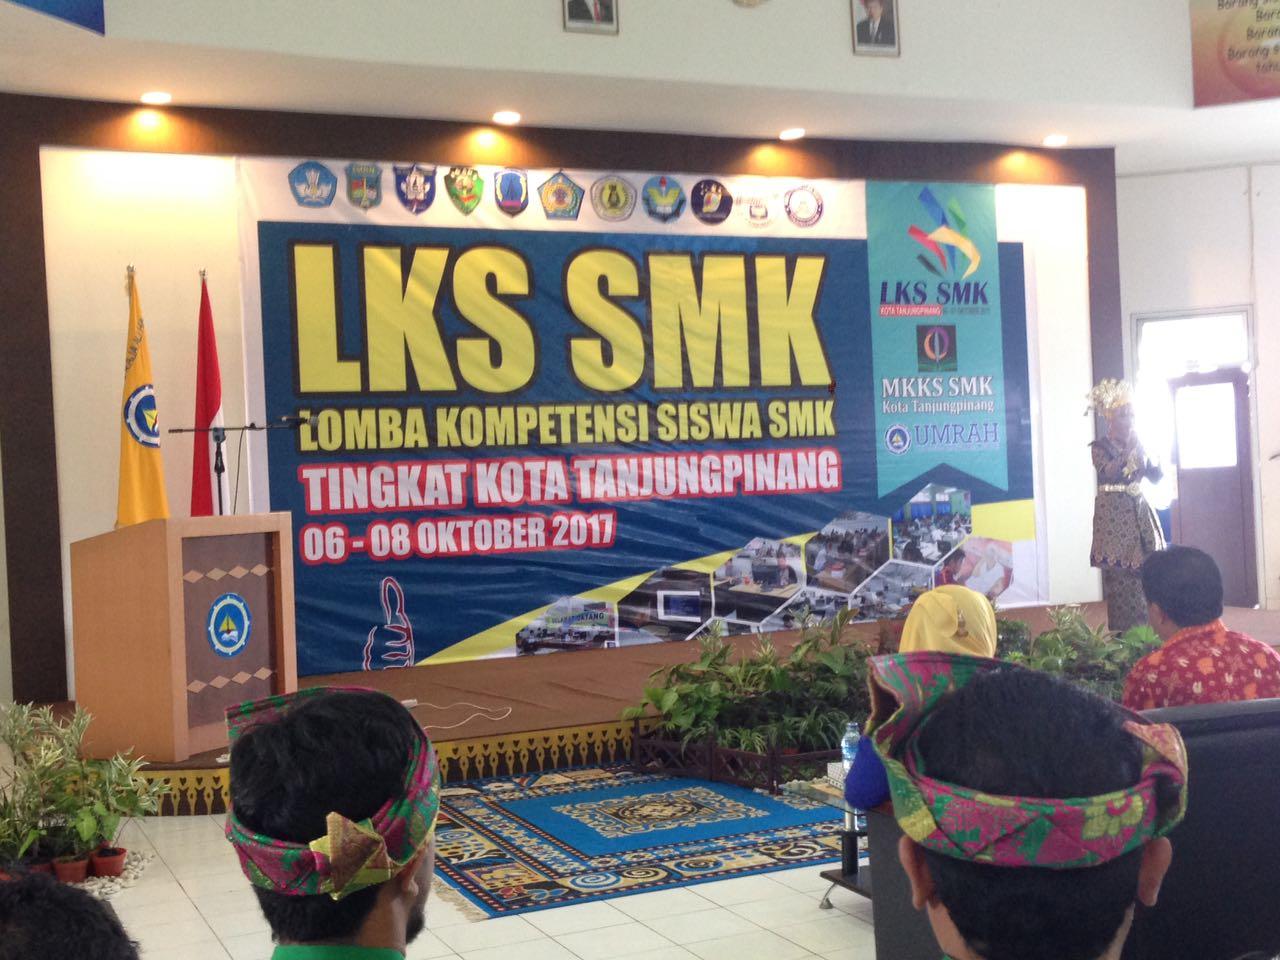 Lomba Kompetensi Siswa SMK Tingkat Kota Tanjungpinang